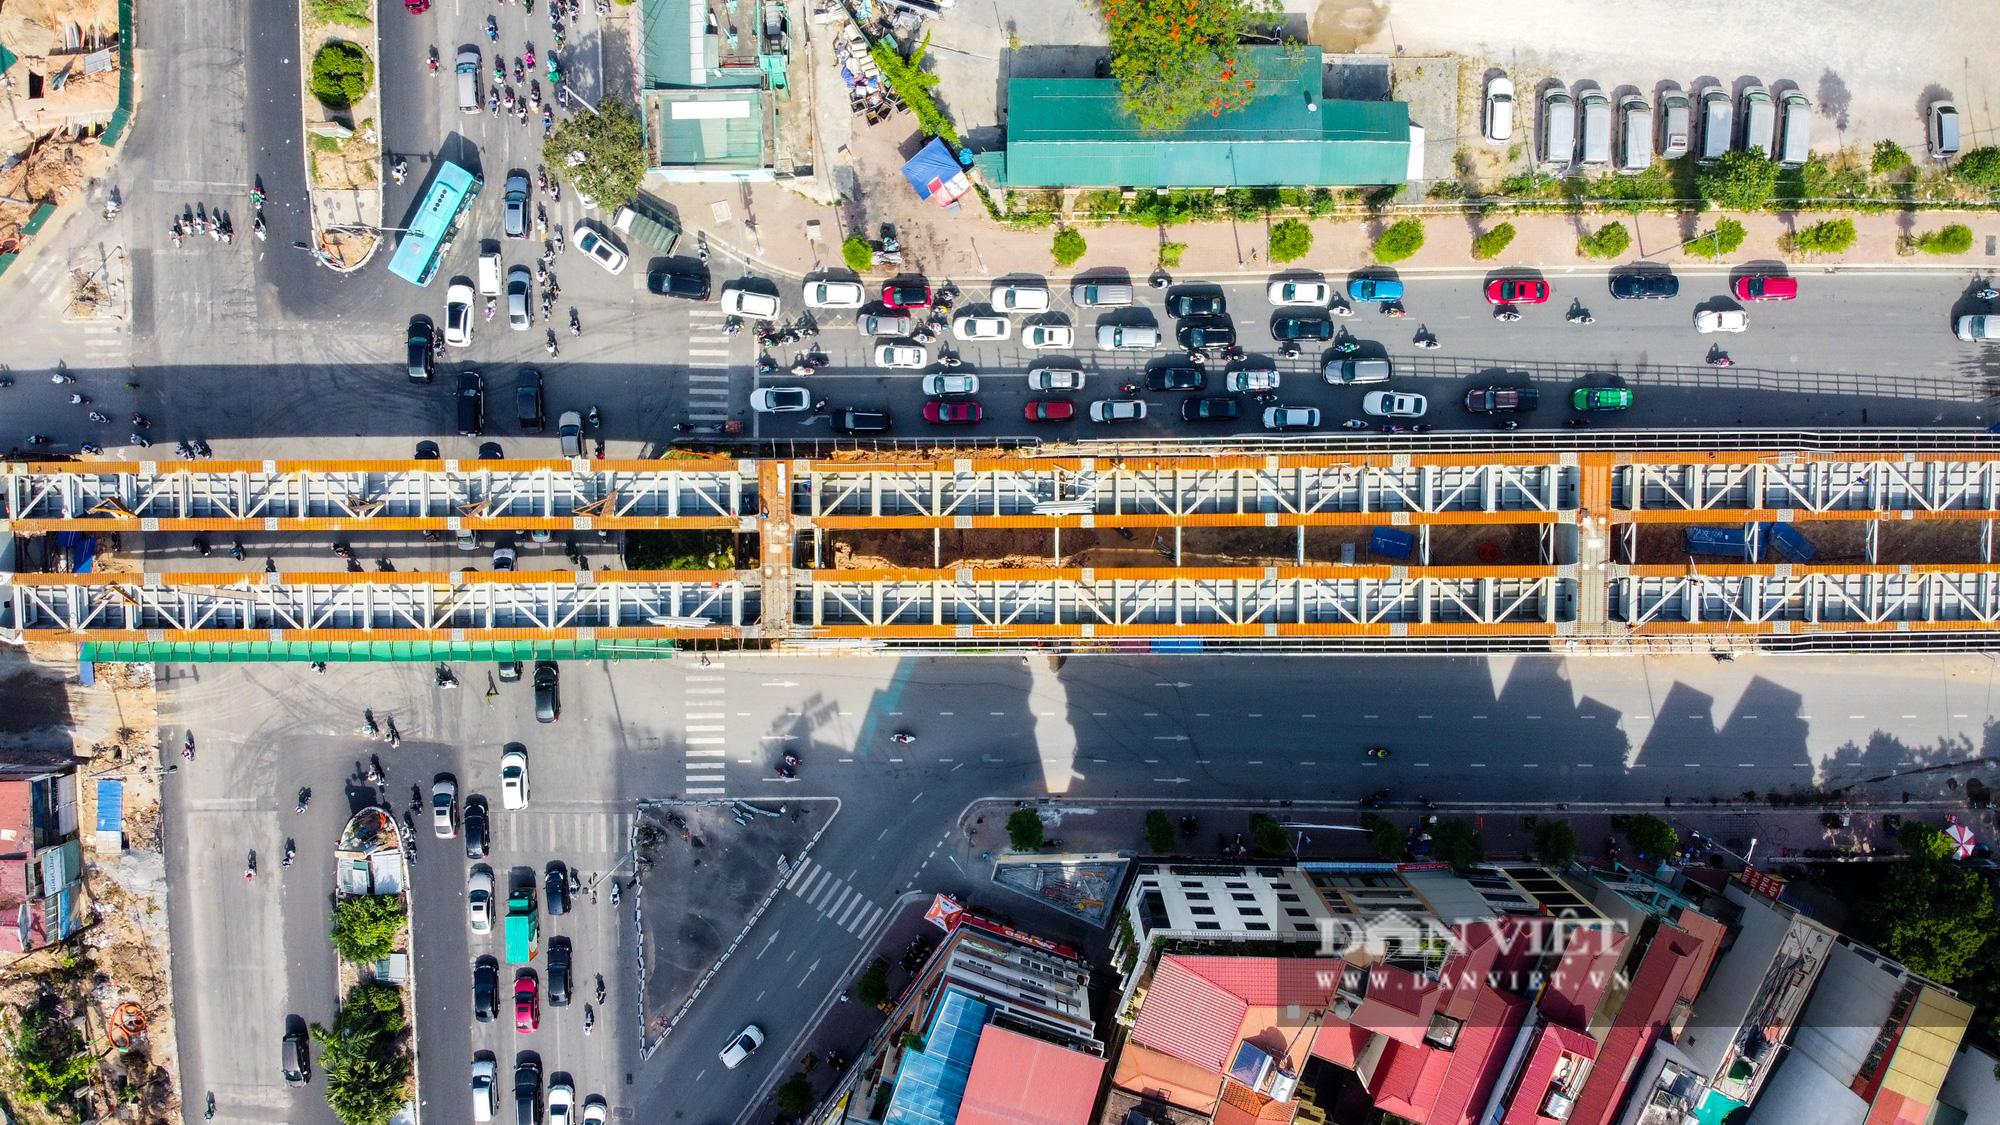 Nhìn lại 10 dự án tiêu biểu do ông Nguyễn Đức Chung - Chủ tịch TP Hà Nội chỉ đạo - Ảnh 10.